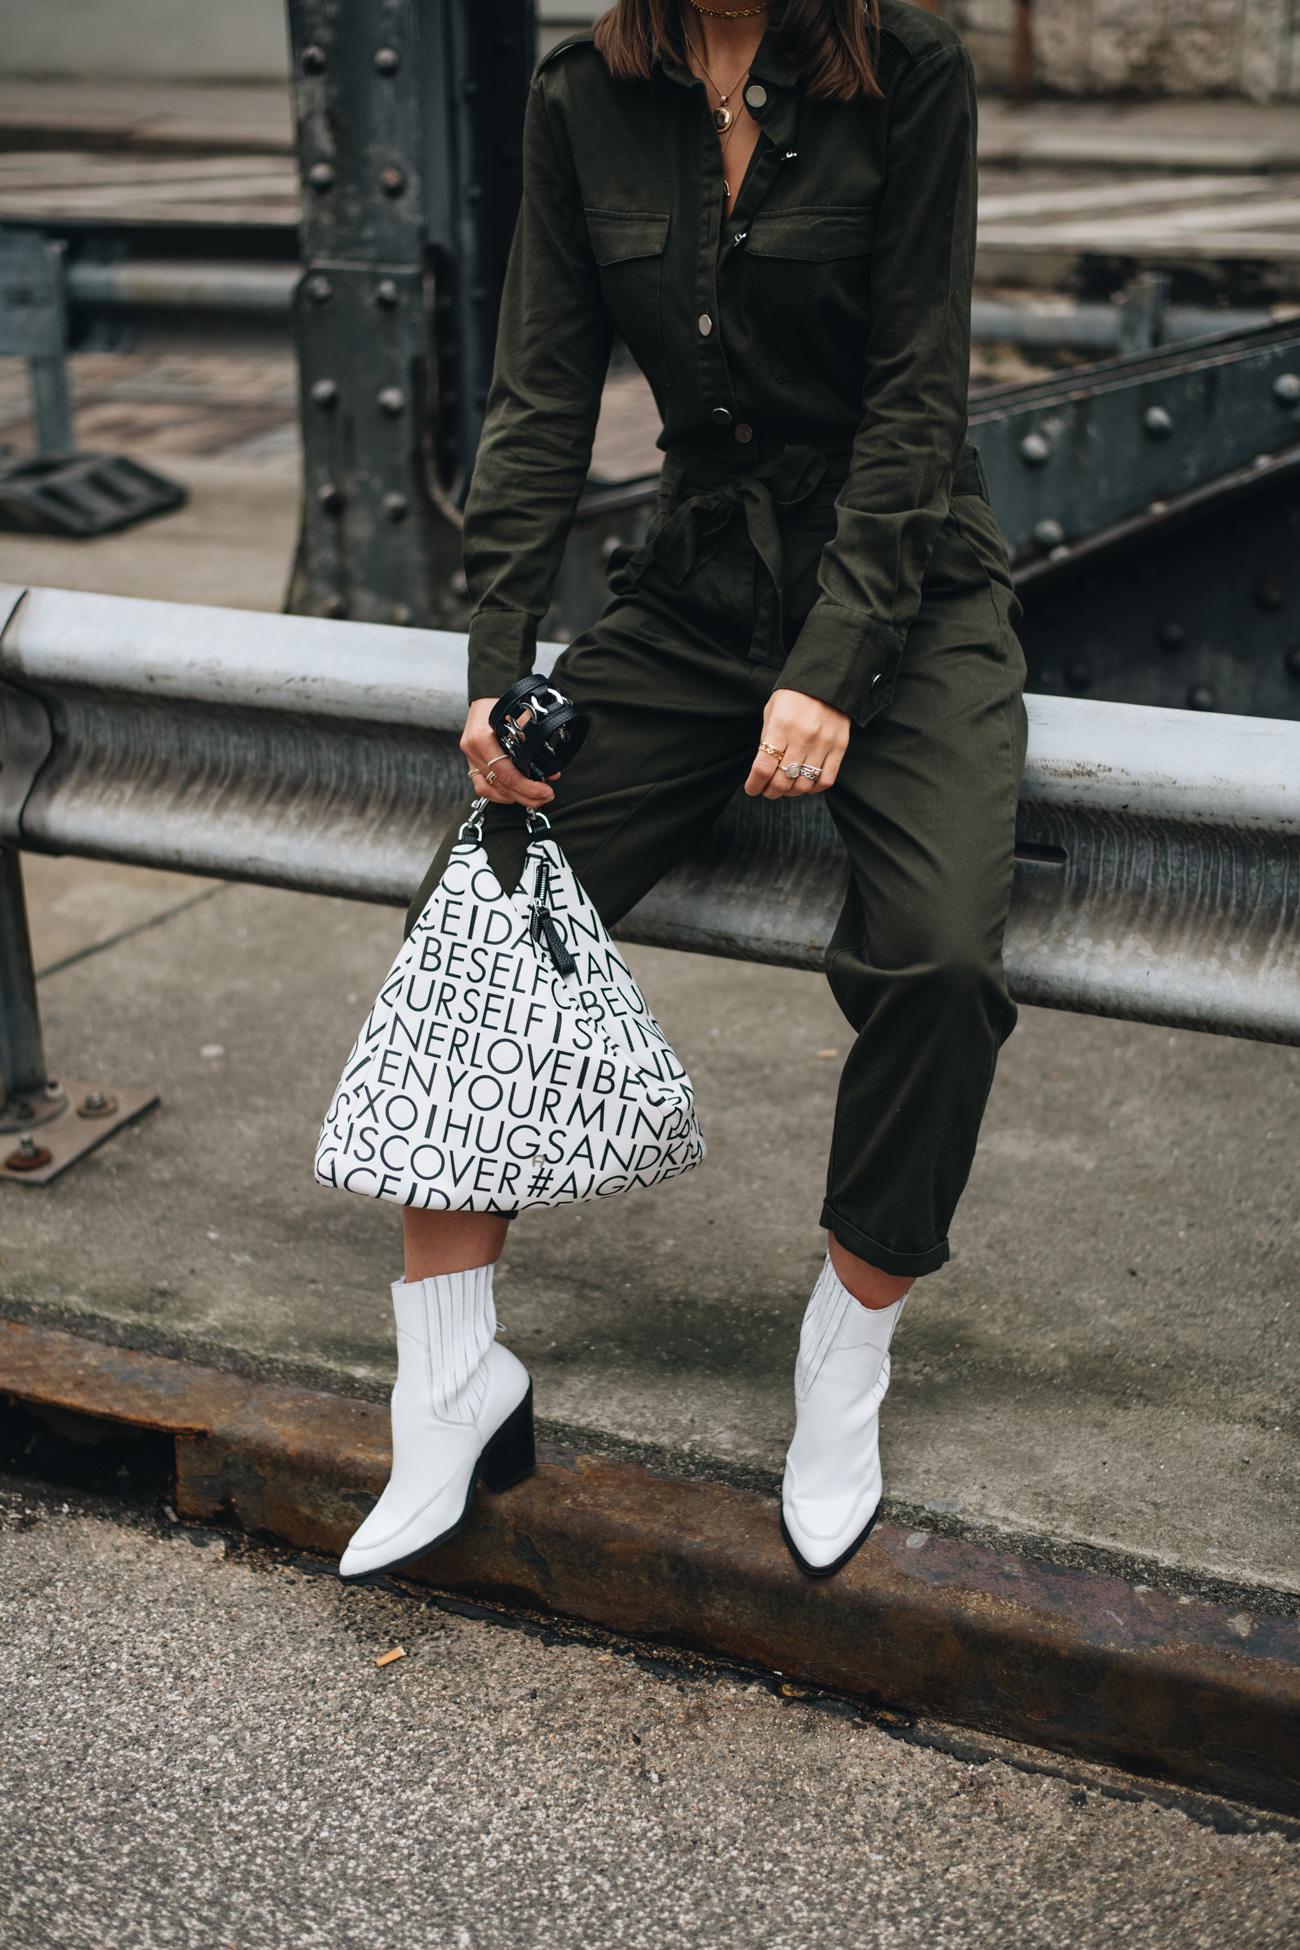 Fashion-Trend-Cowboy-Boots-Stiefel-weß-nina-schwichtenberg-fashiioncarpet